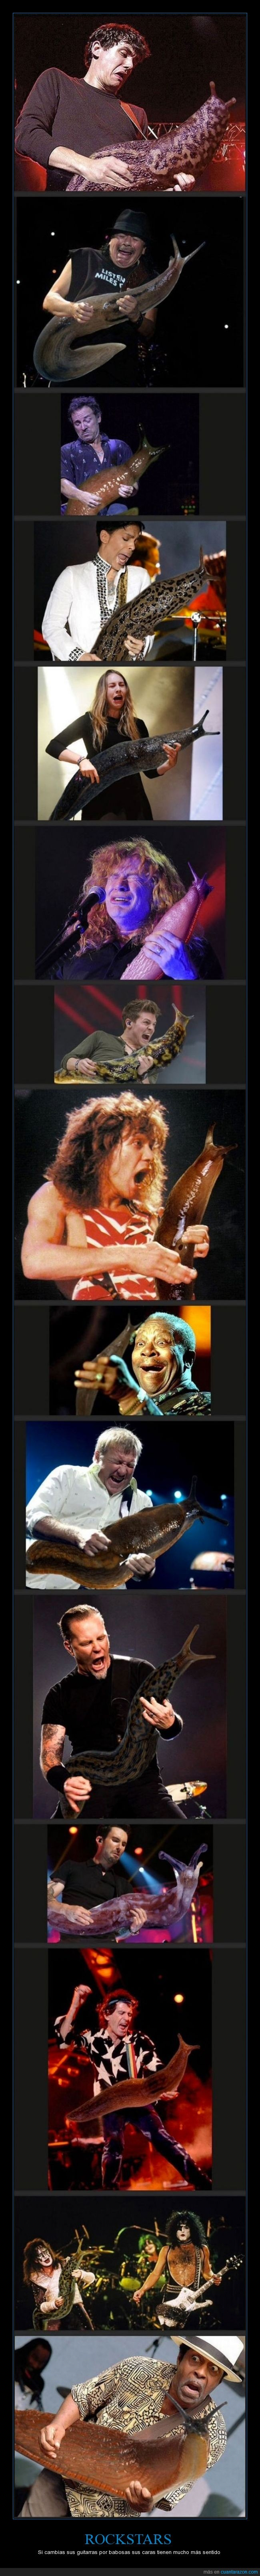 asco,Baba,cambiar,cara,caracoles,guitarra,rockstar